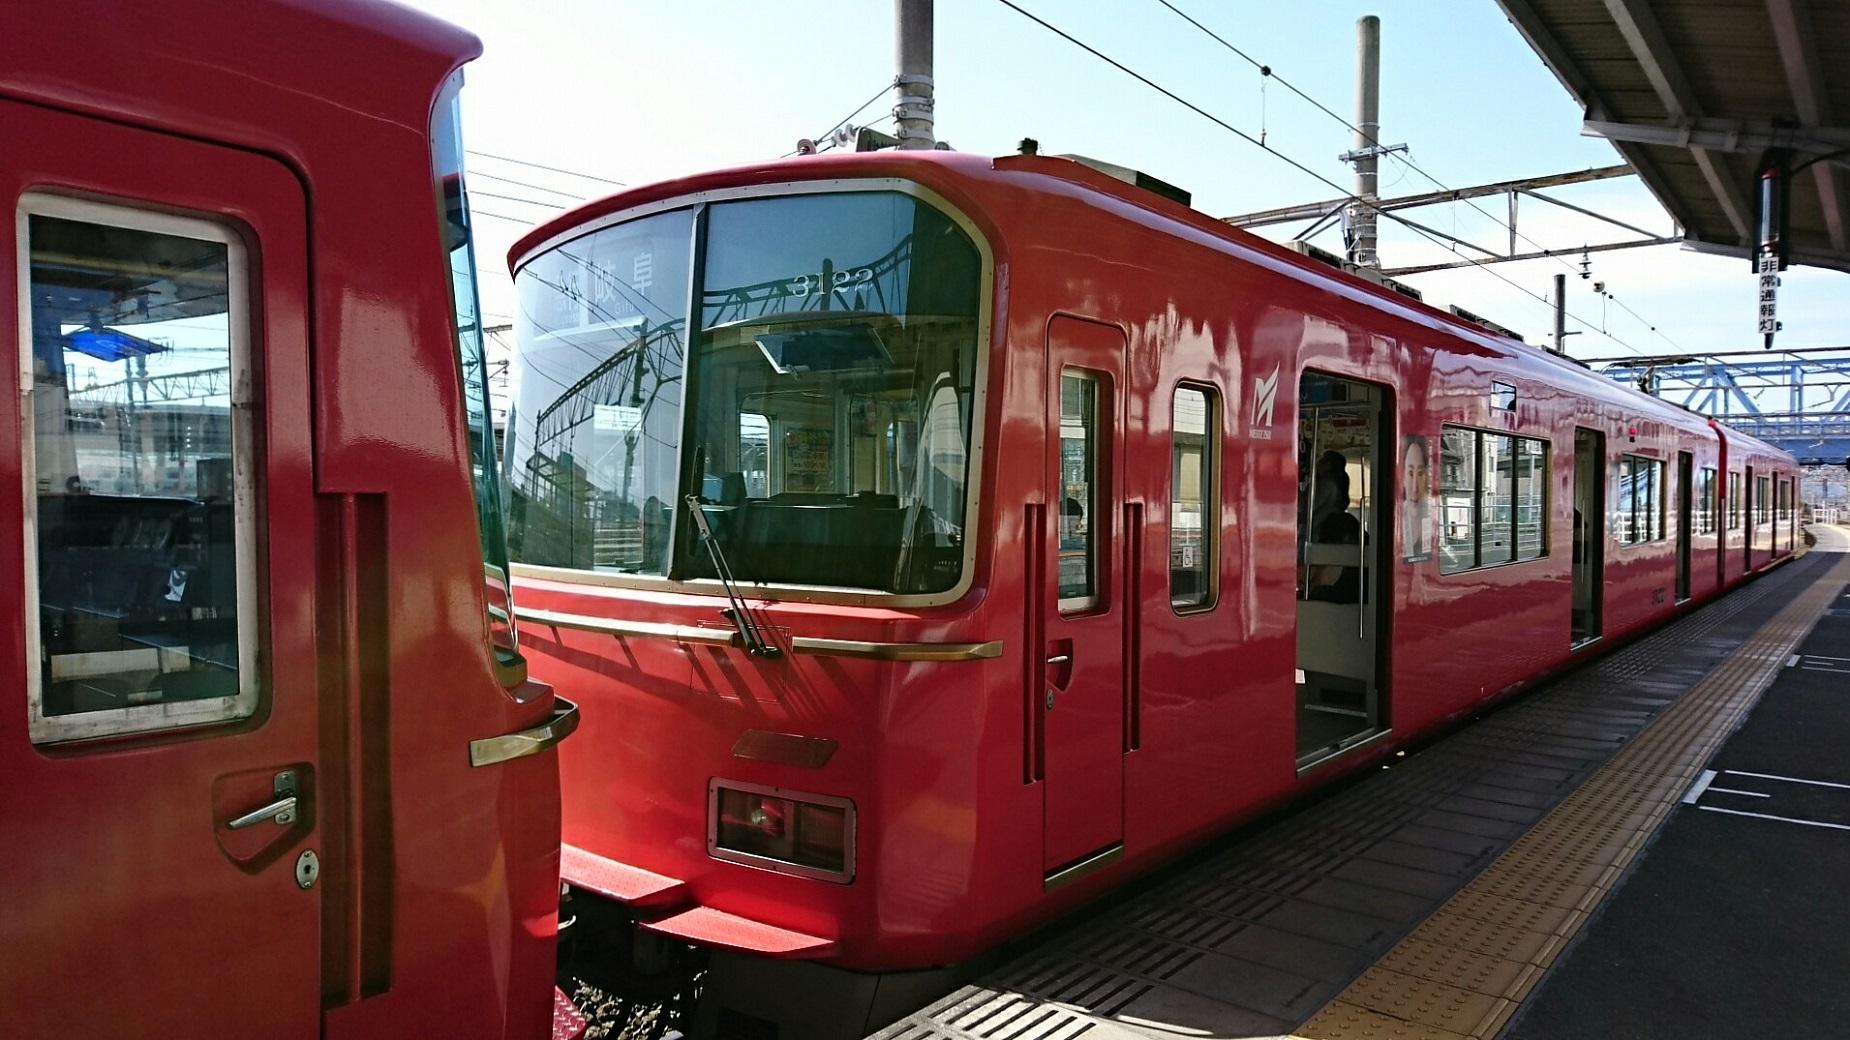 2018.3.23 東海道線 (69) 豊橋 - 岐阜いき急行 1850-1040